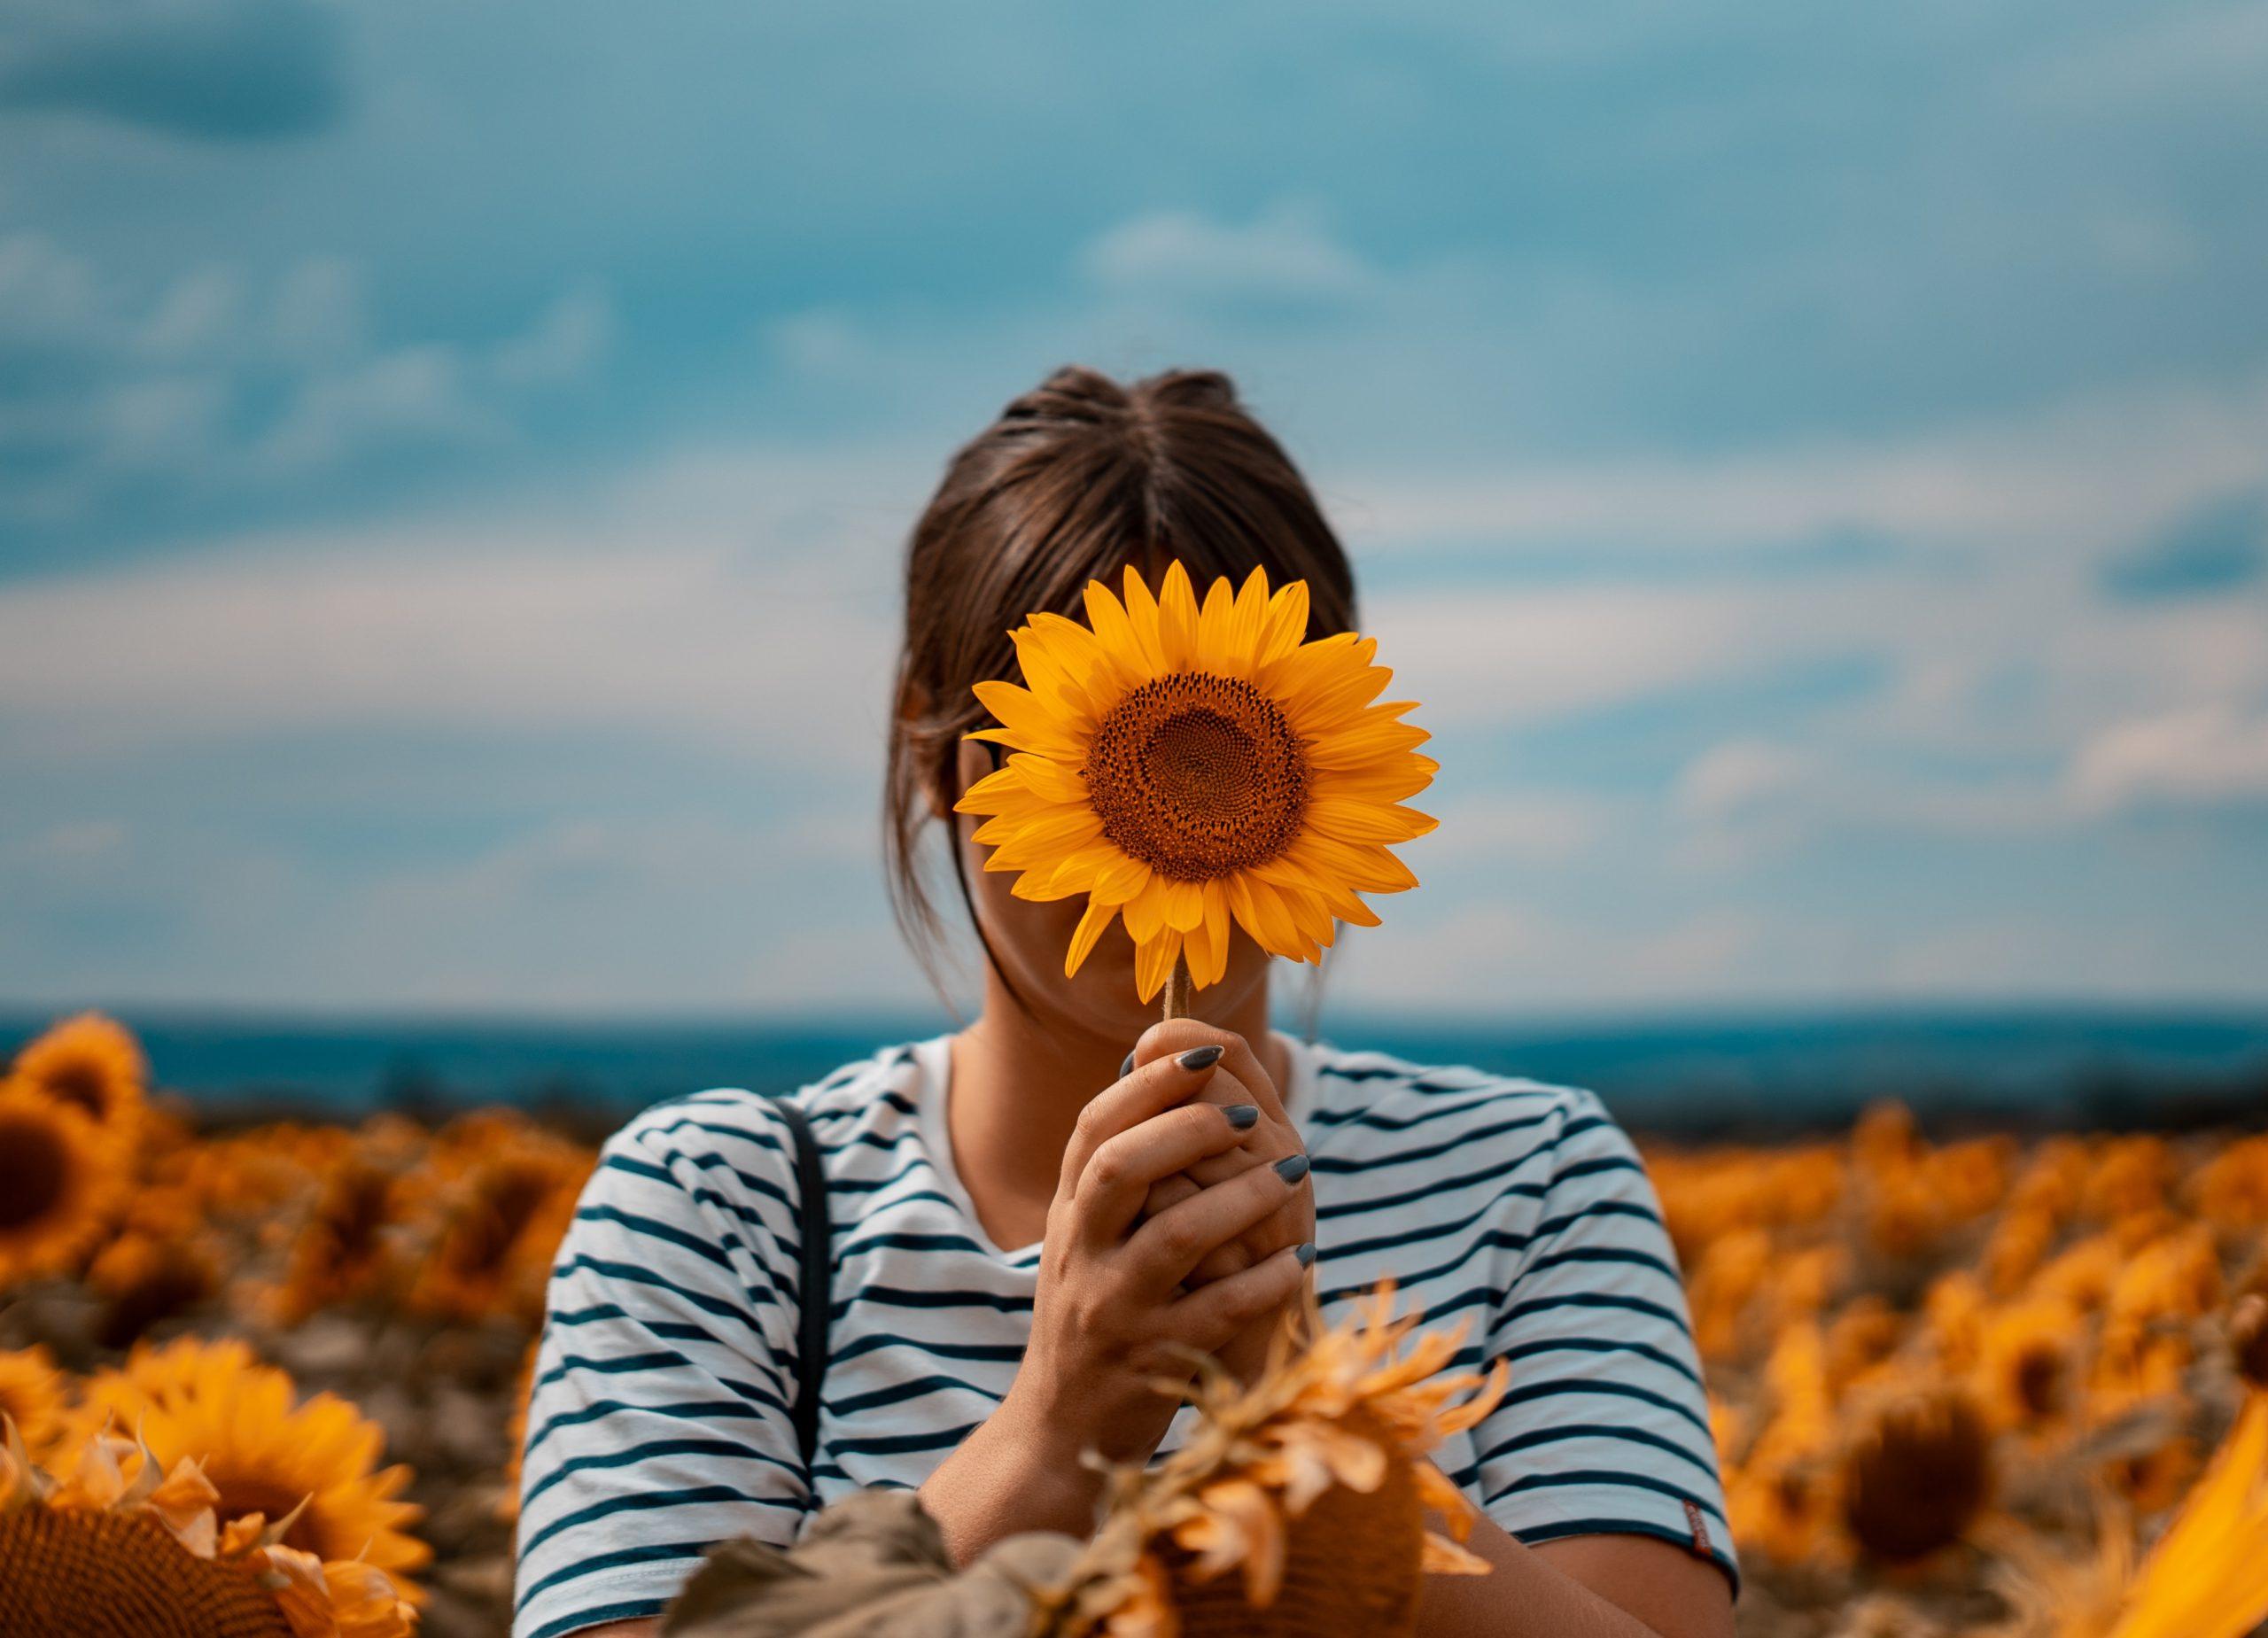 1אופטימיות כמנוף להצלחה